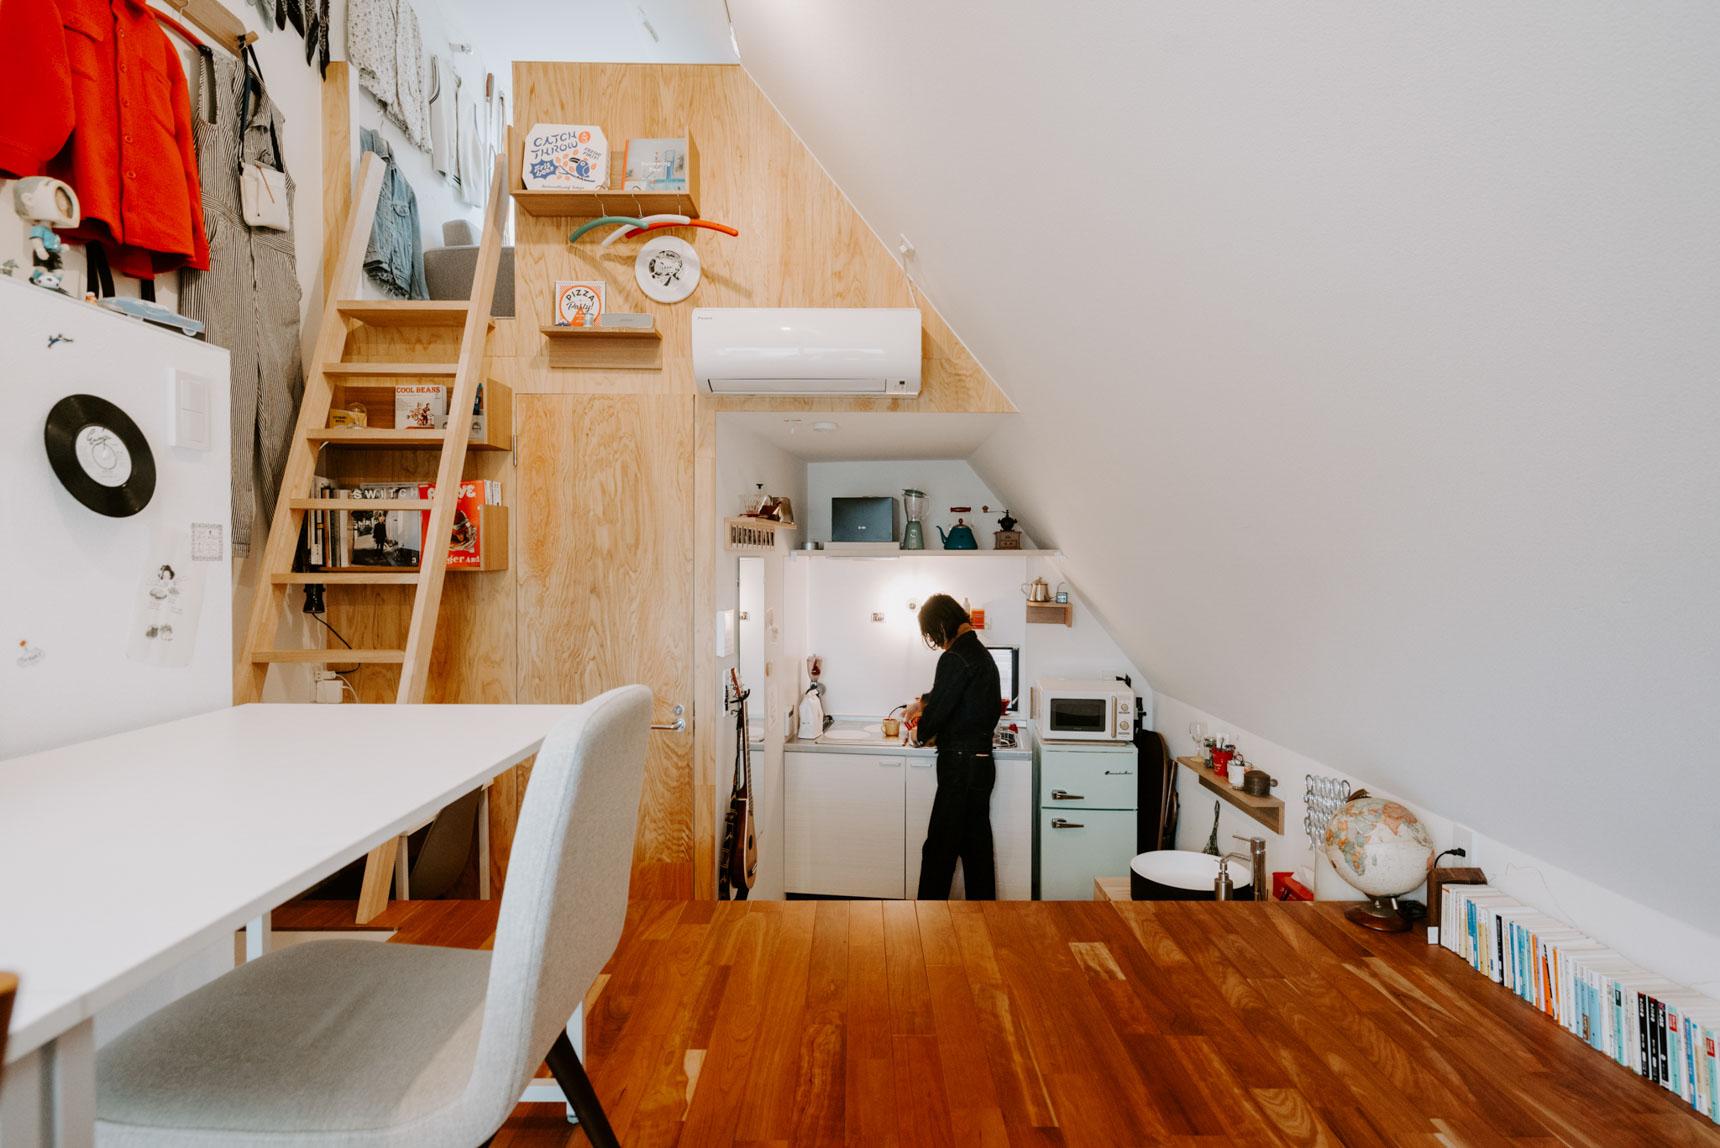 仕事場のスペースから、キッチンやサニタリーは少し段差のある奥まったスペースにあります。